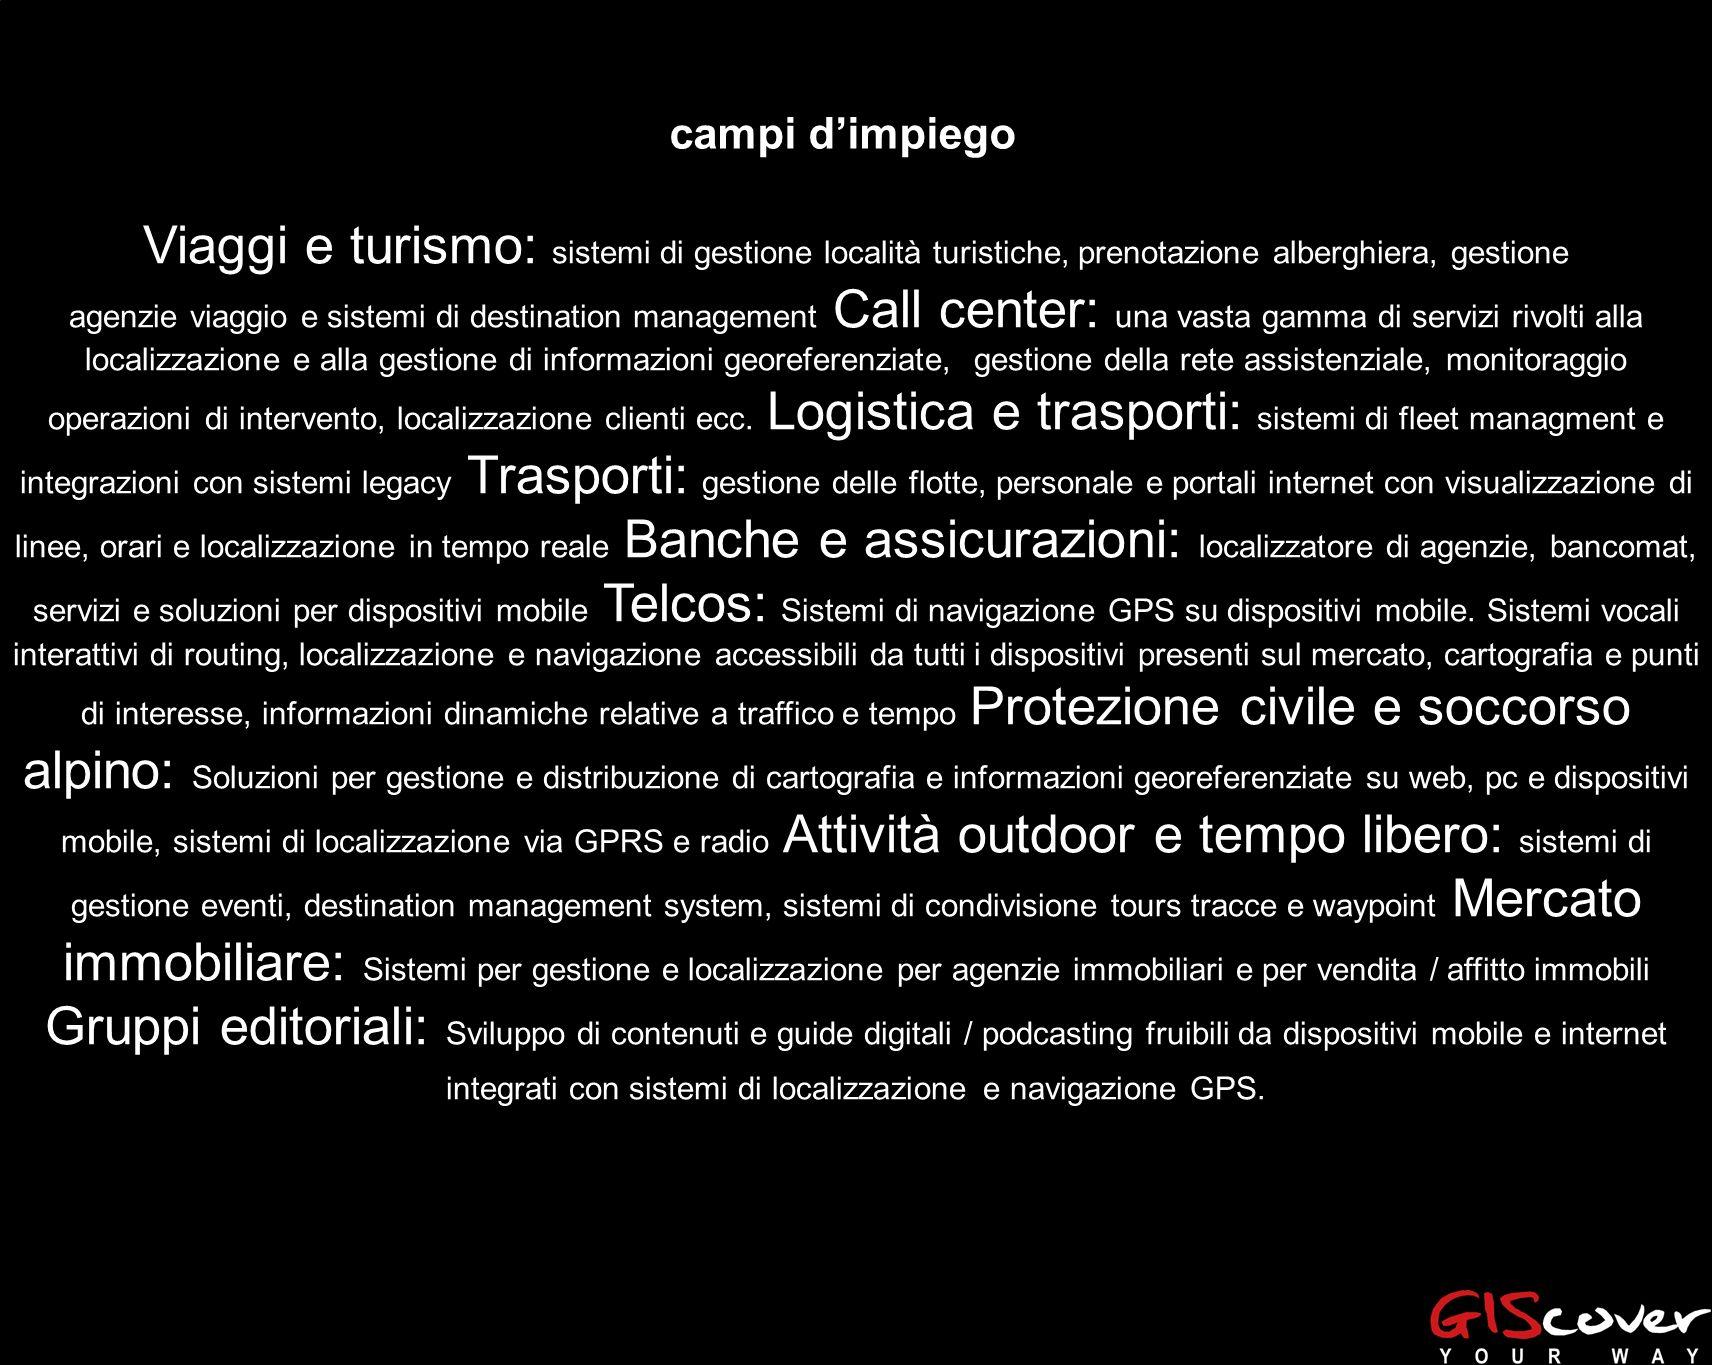 personal navigation systems Viaggi e turismo: sistemi di gestione località turistiche, prenotazione alberghiera, gestione agenzie viaggio e sistemi di